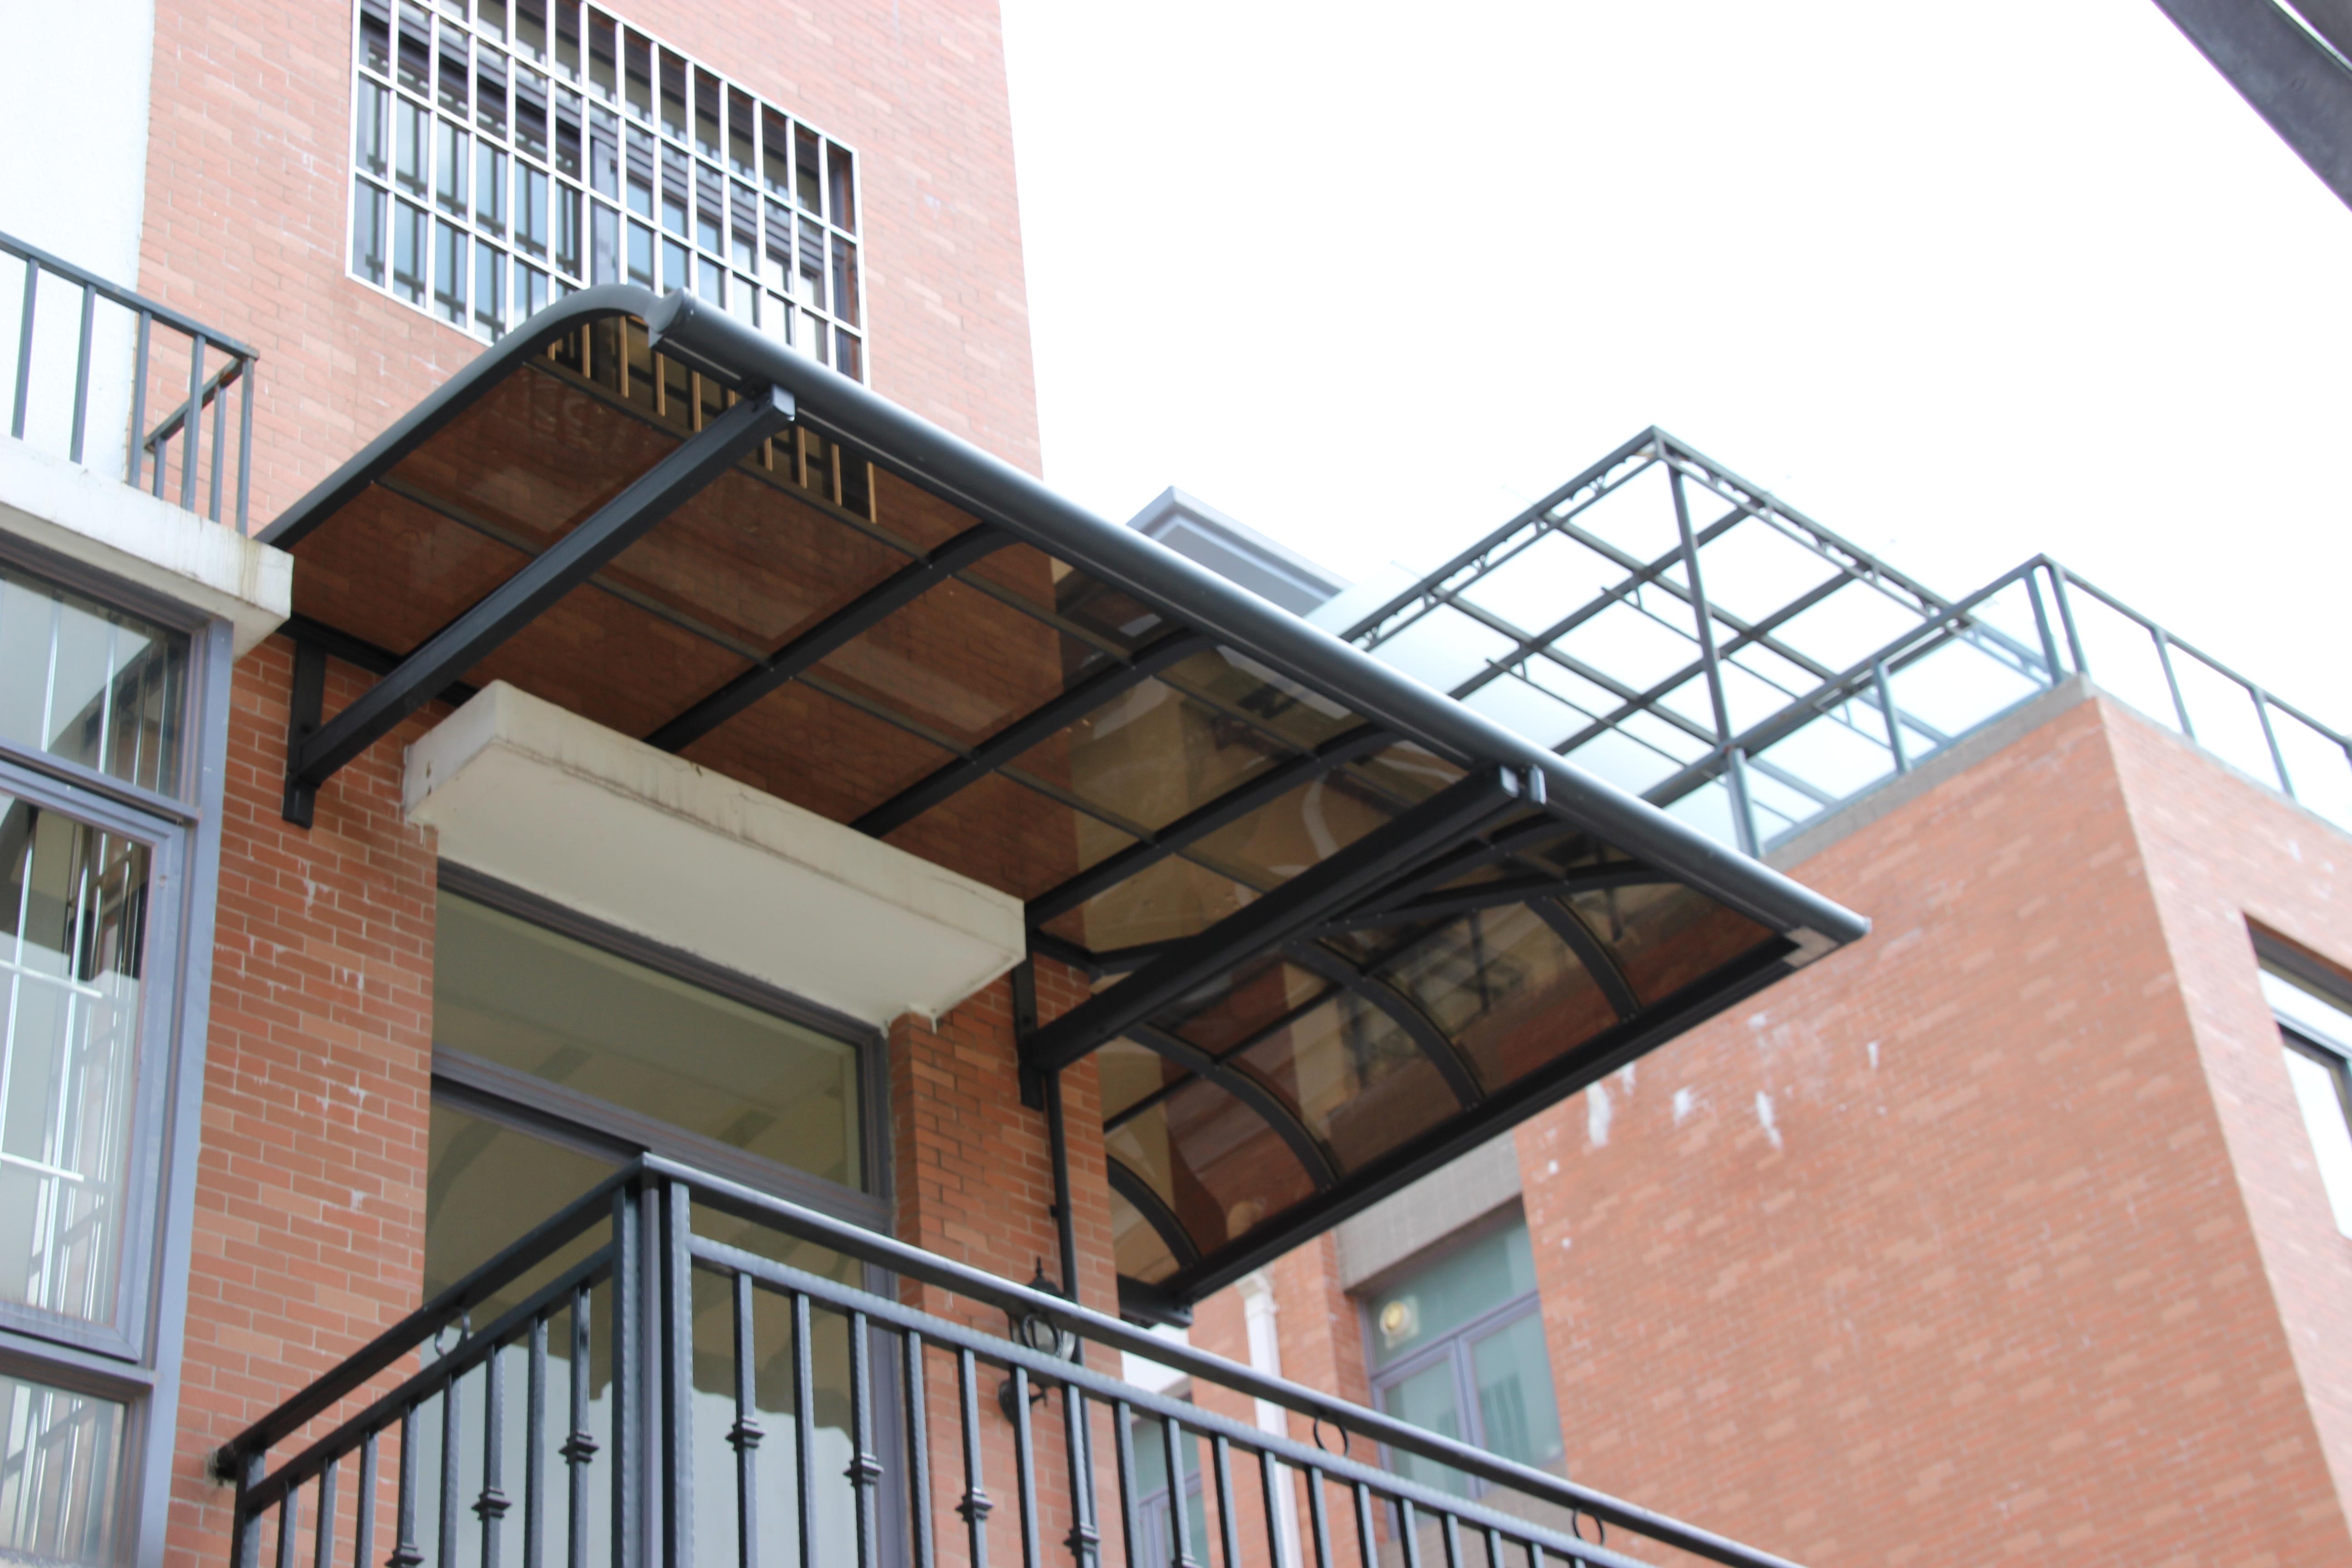 别墅阳光棚遮阳棚 雨棚 露台棚 窗棚 别墅阳光棚 铝合金窗棚 遮阳棚